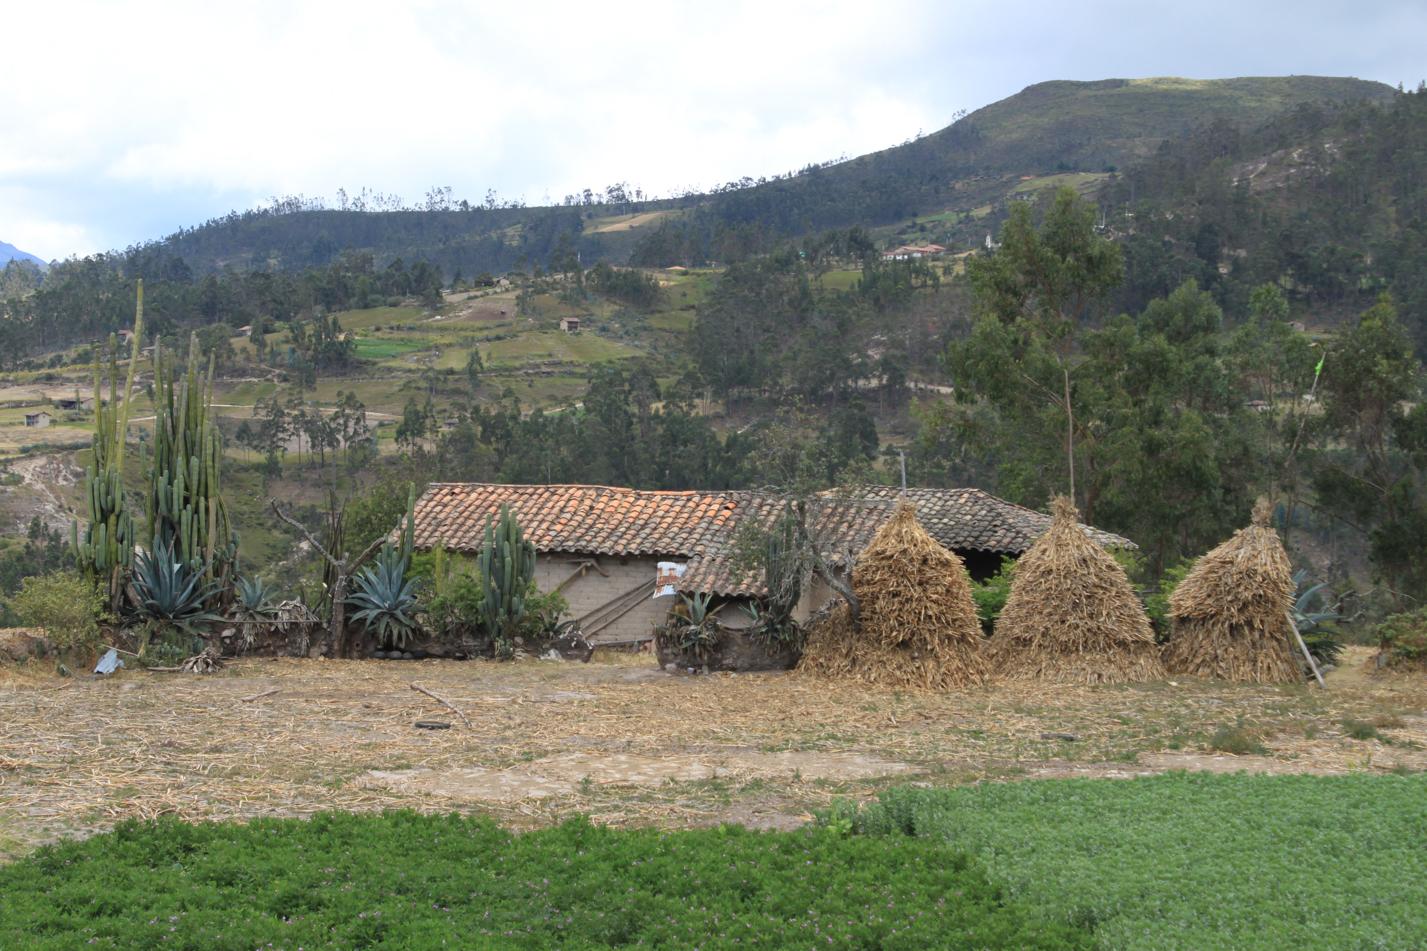 Blick auf eines der vielen Anwesen. Wohnhaus und ein kleines Feld gab es immer davor. Kartoffeln, Möhren und Mais wurden angepflanzt.